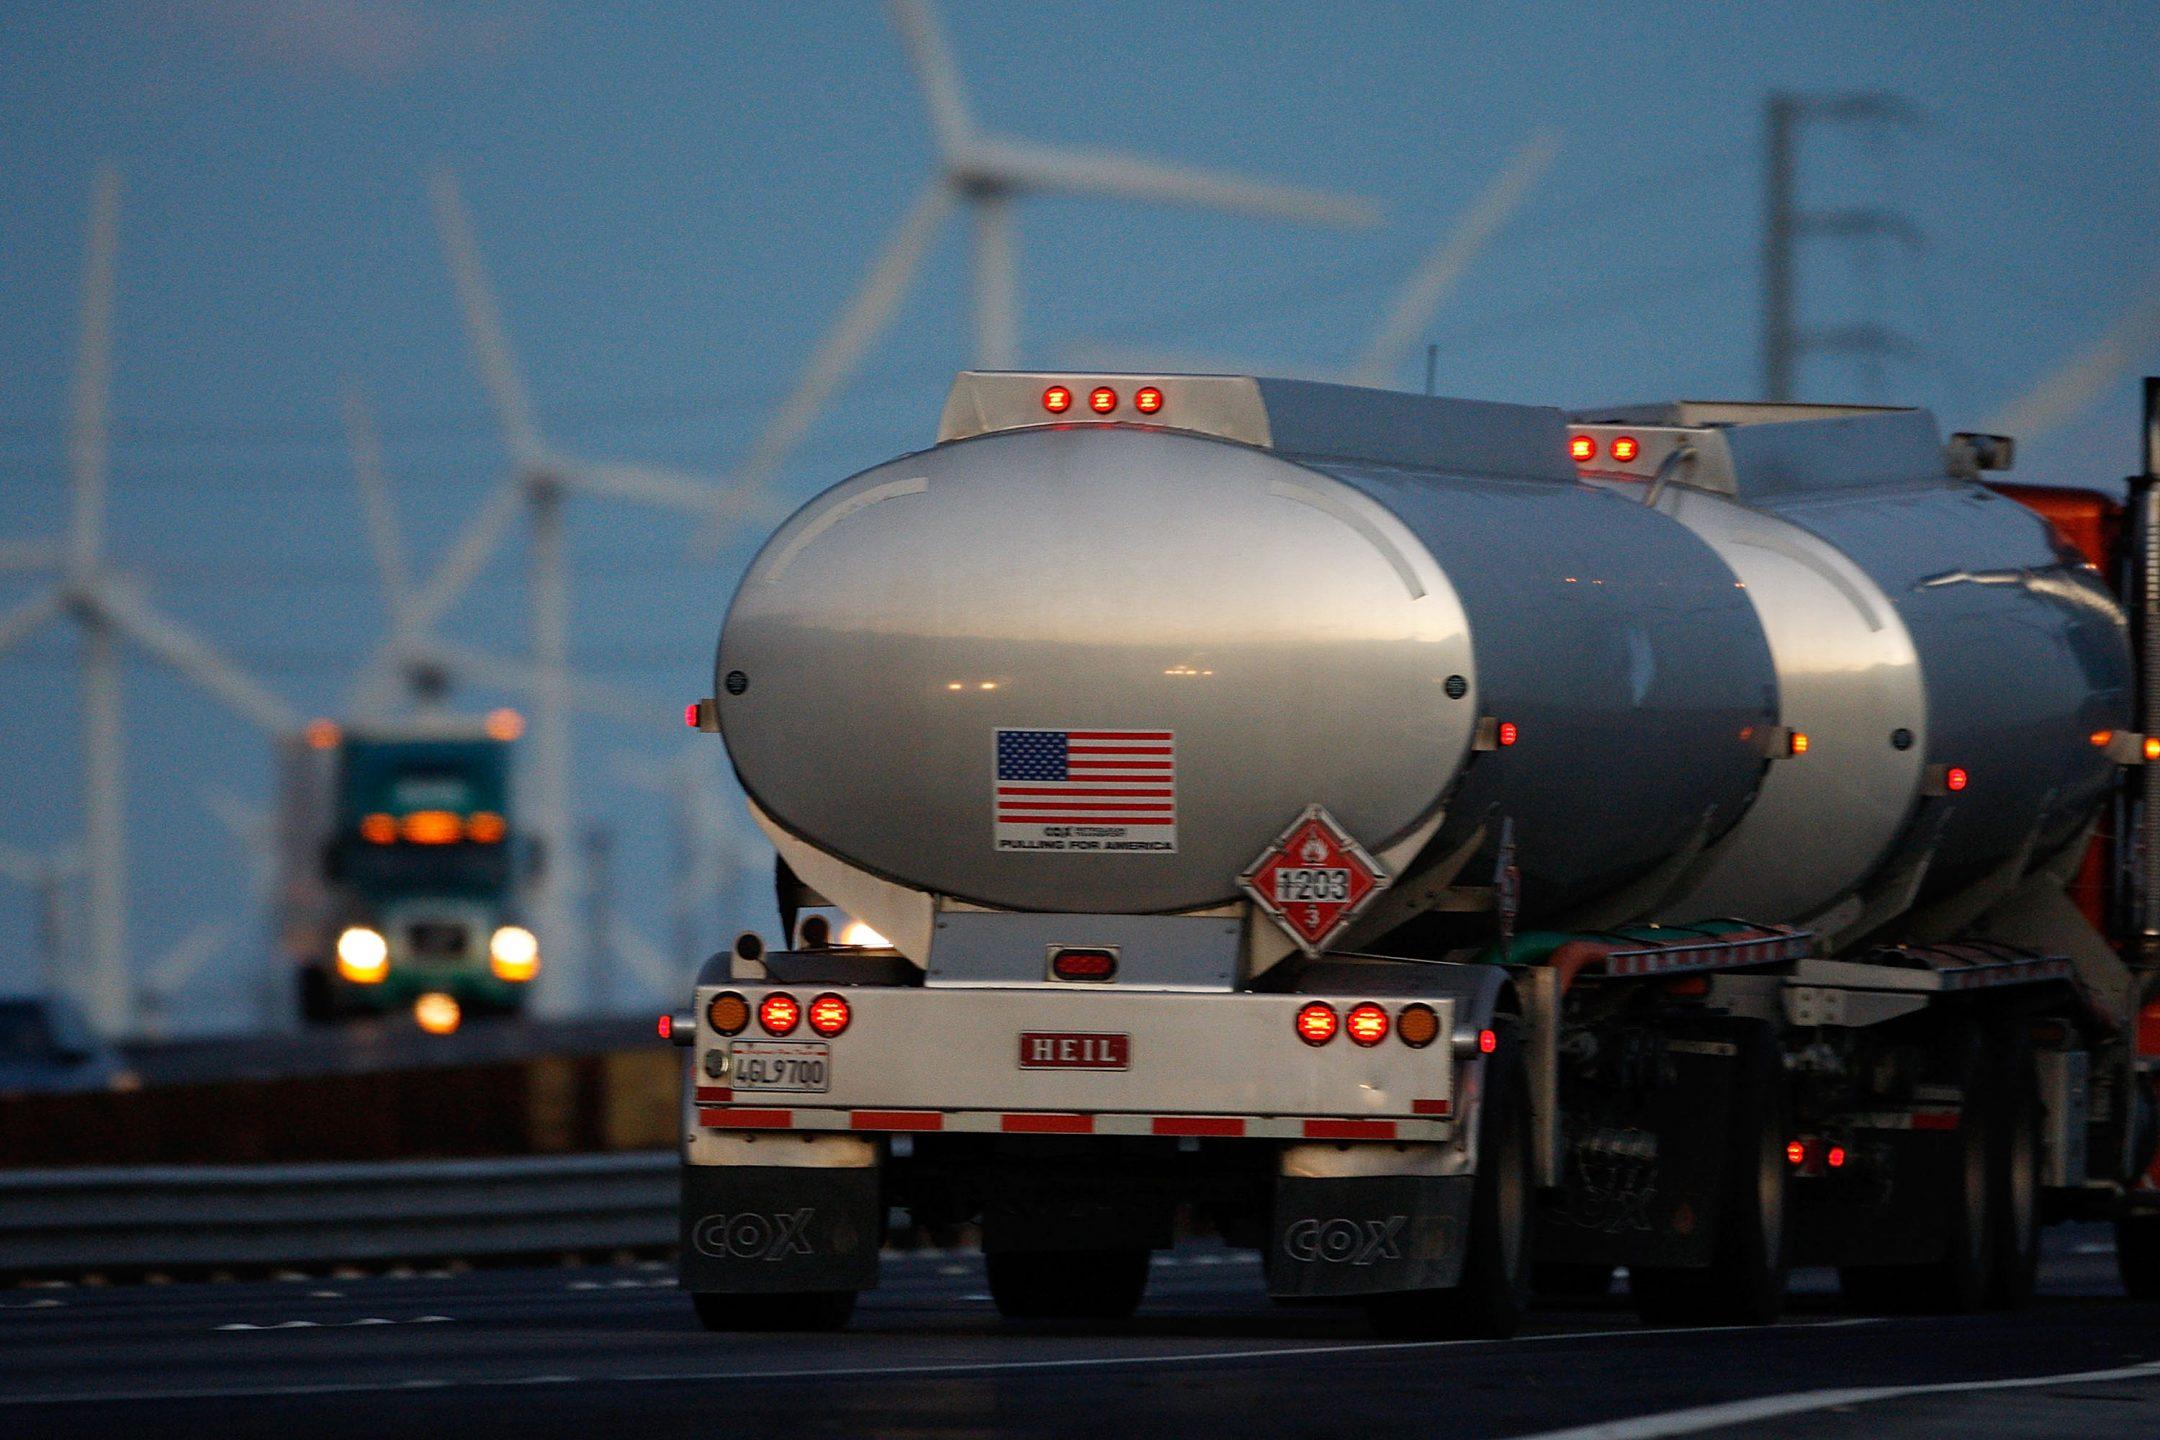 Camion di carburanti vicini a impianti eolici